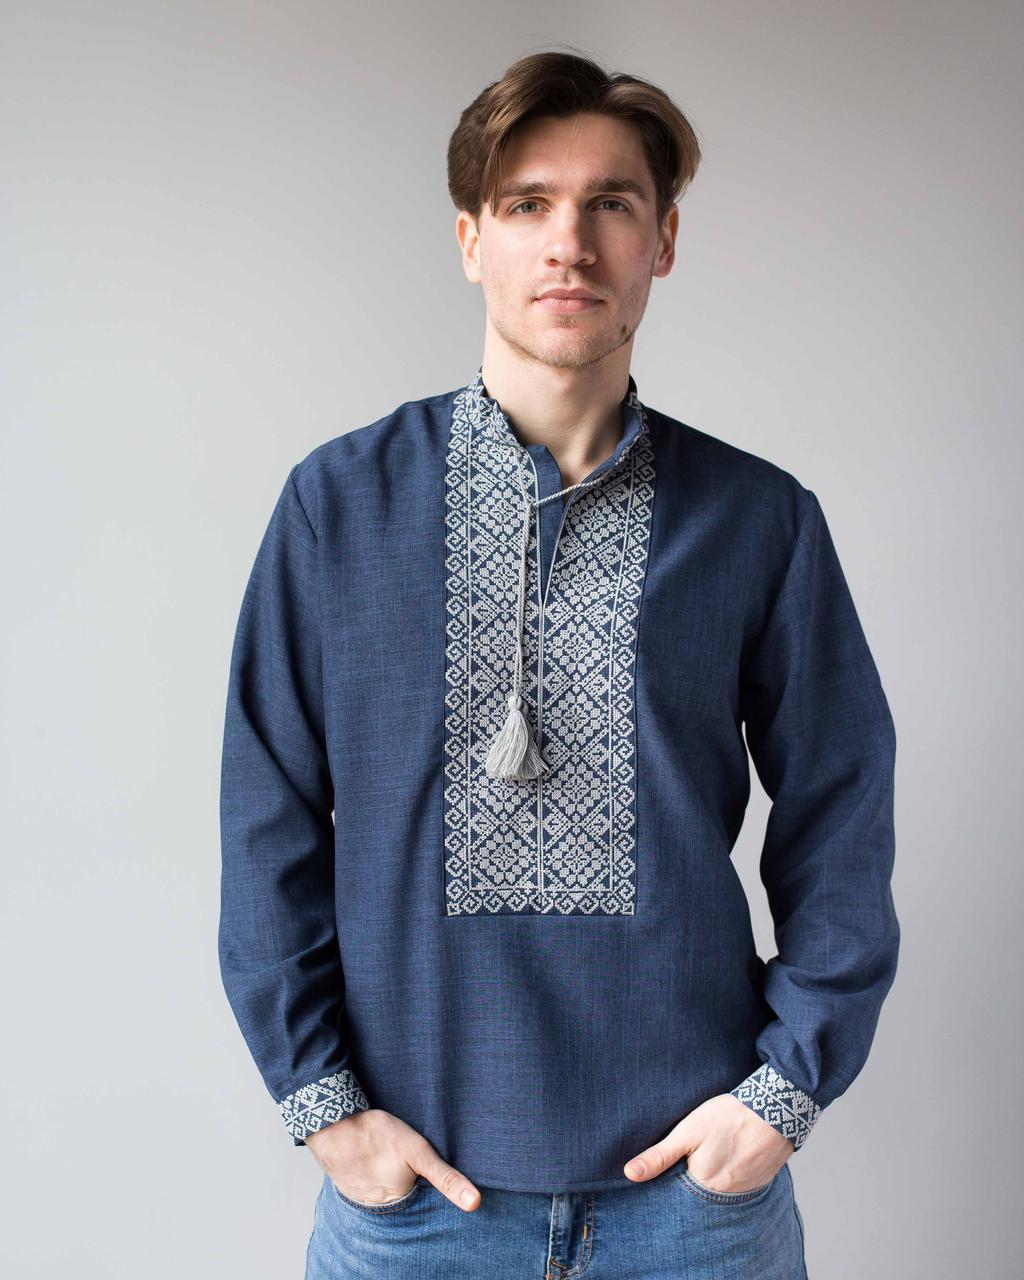 Чоловічі сорочки під джинси з вишивкою